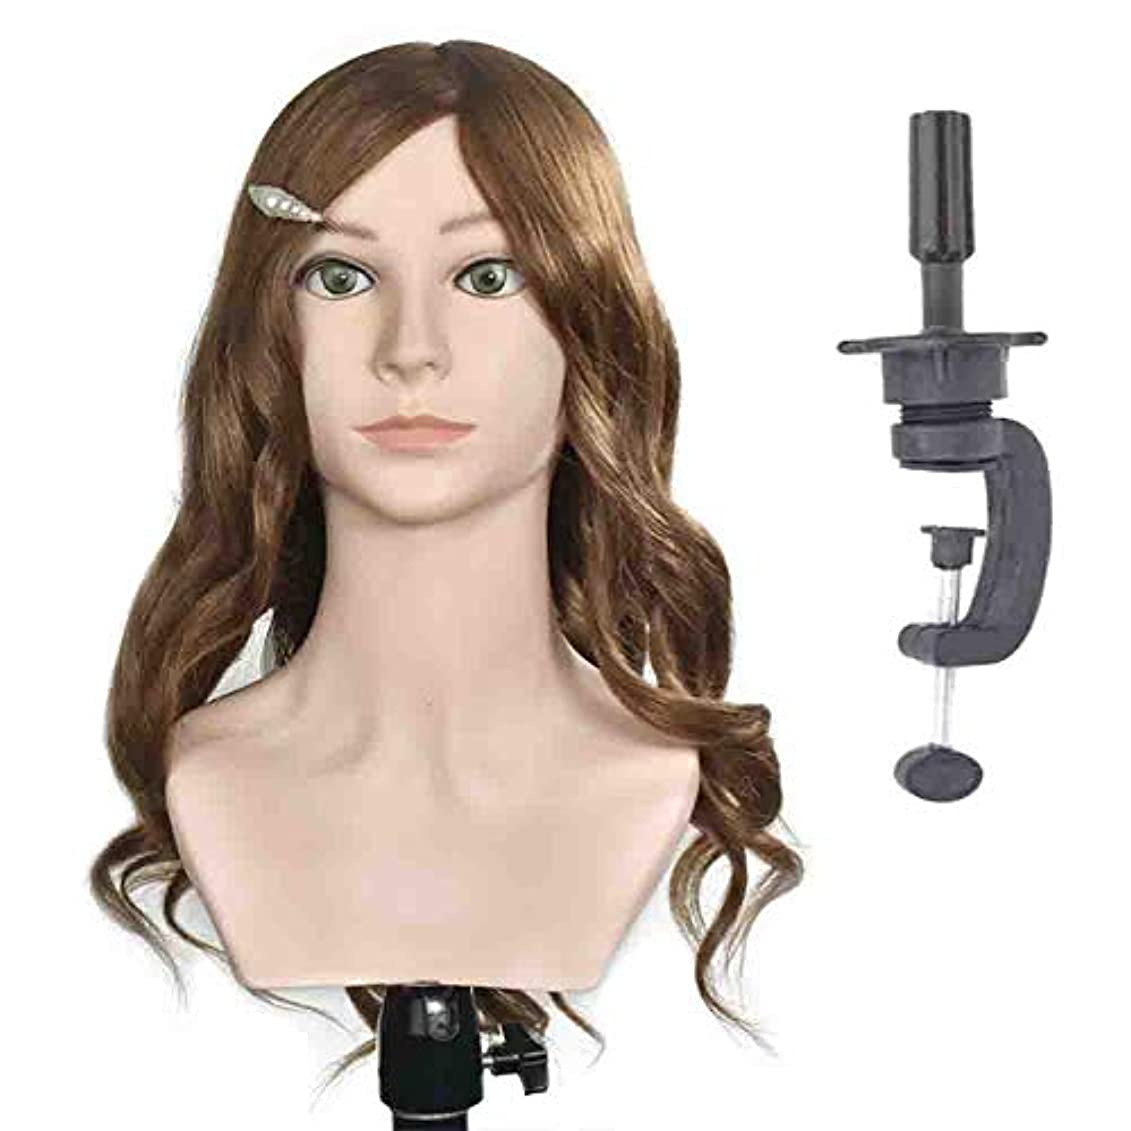 パイルバルセロナ個人完全な人毛ヘアスタイリングモデルヘッド女性モデルヘッドティーチングヘッド理髪店編組髪染め学習ダミーヘッド